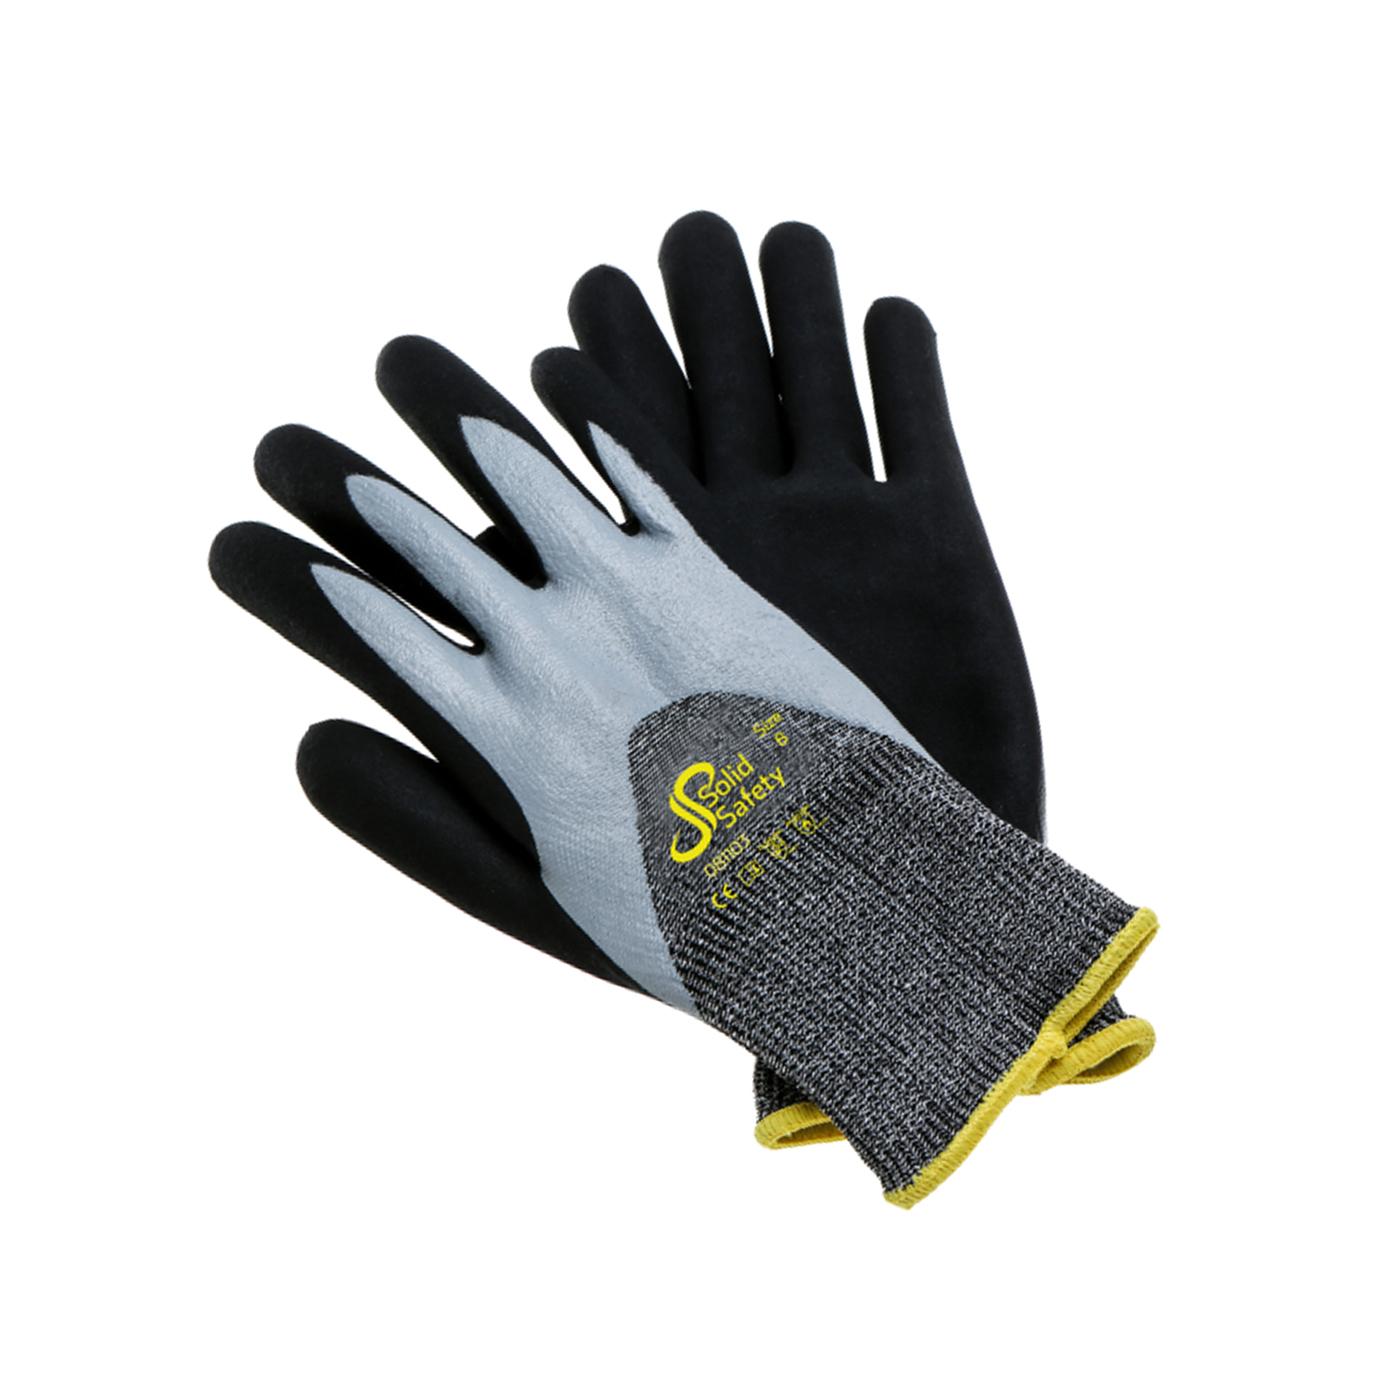 Rękawice mechaniczne Ampri 081103 Solid Safety Special Cut 5